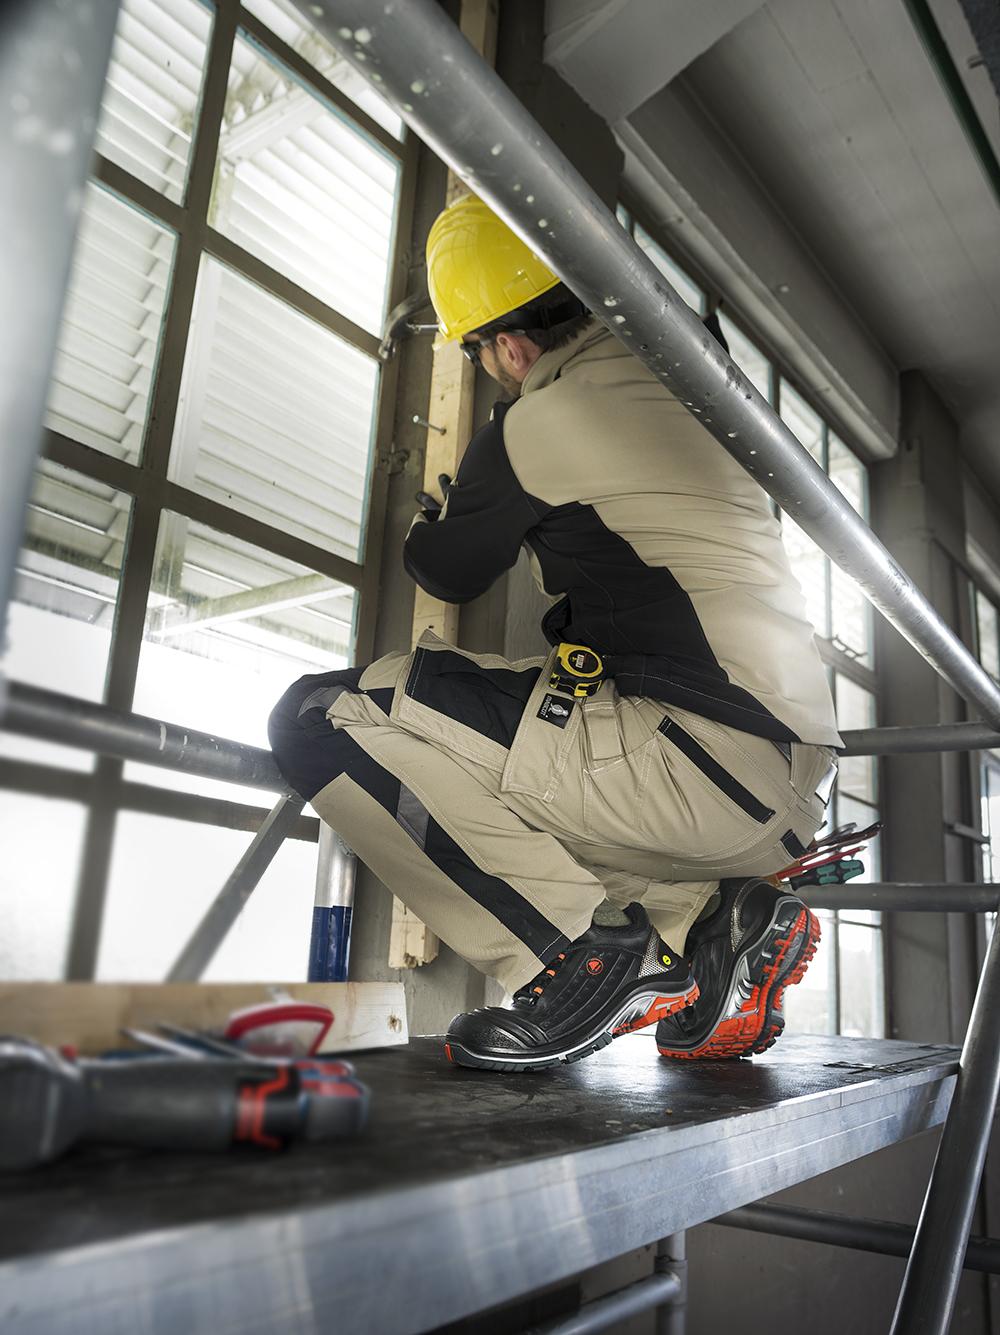 6ce6e6c7c16 Veiligheidsschoenen van Bata Industrials Benelux